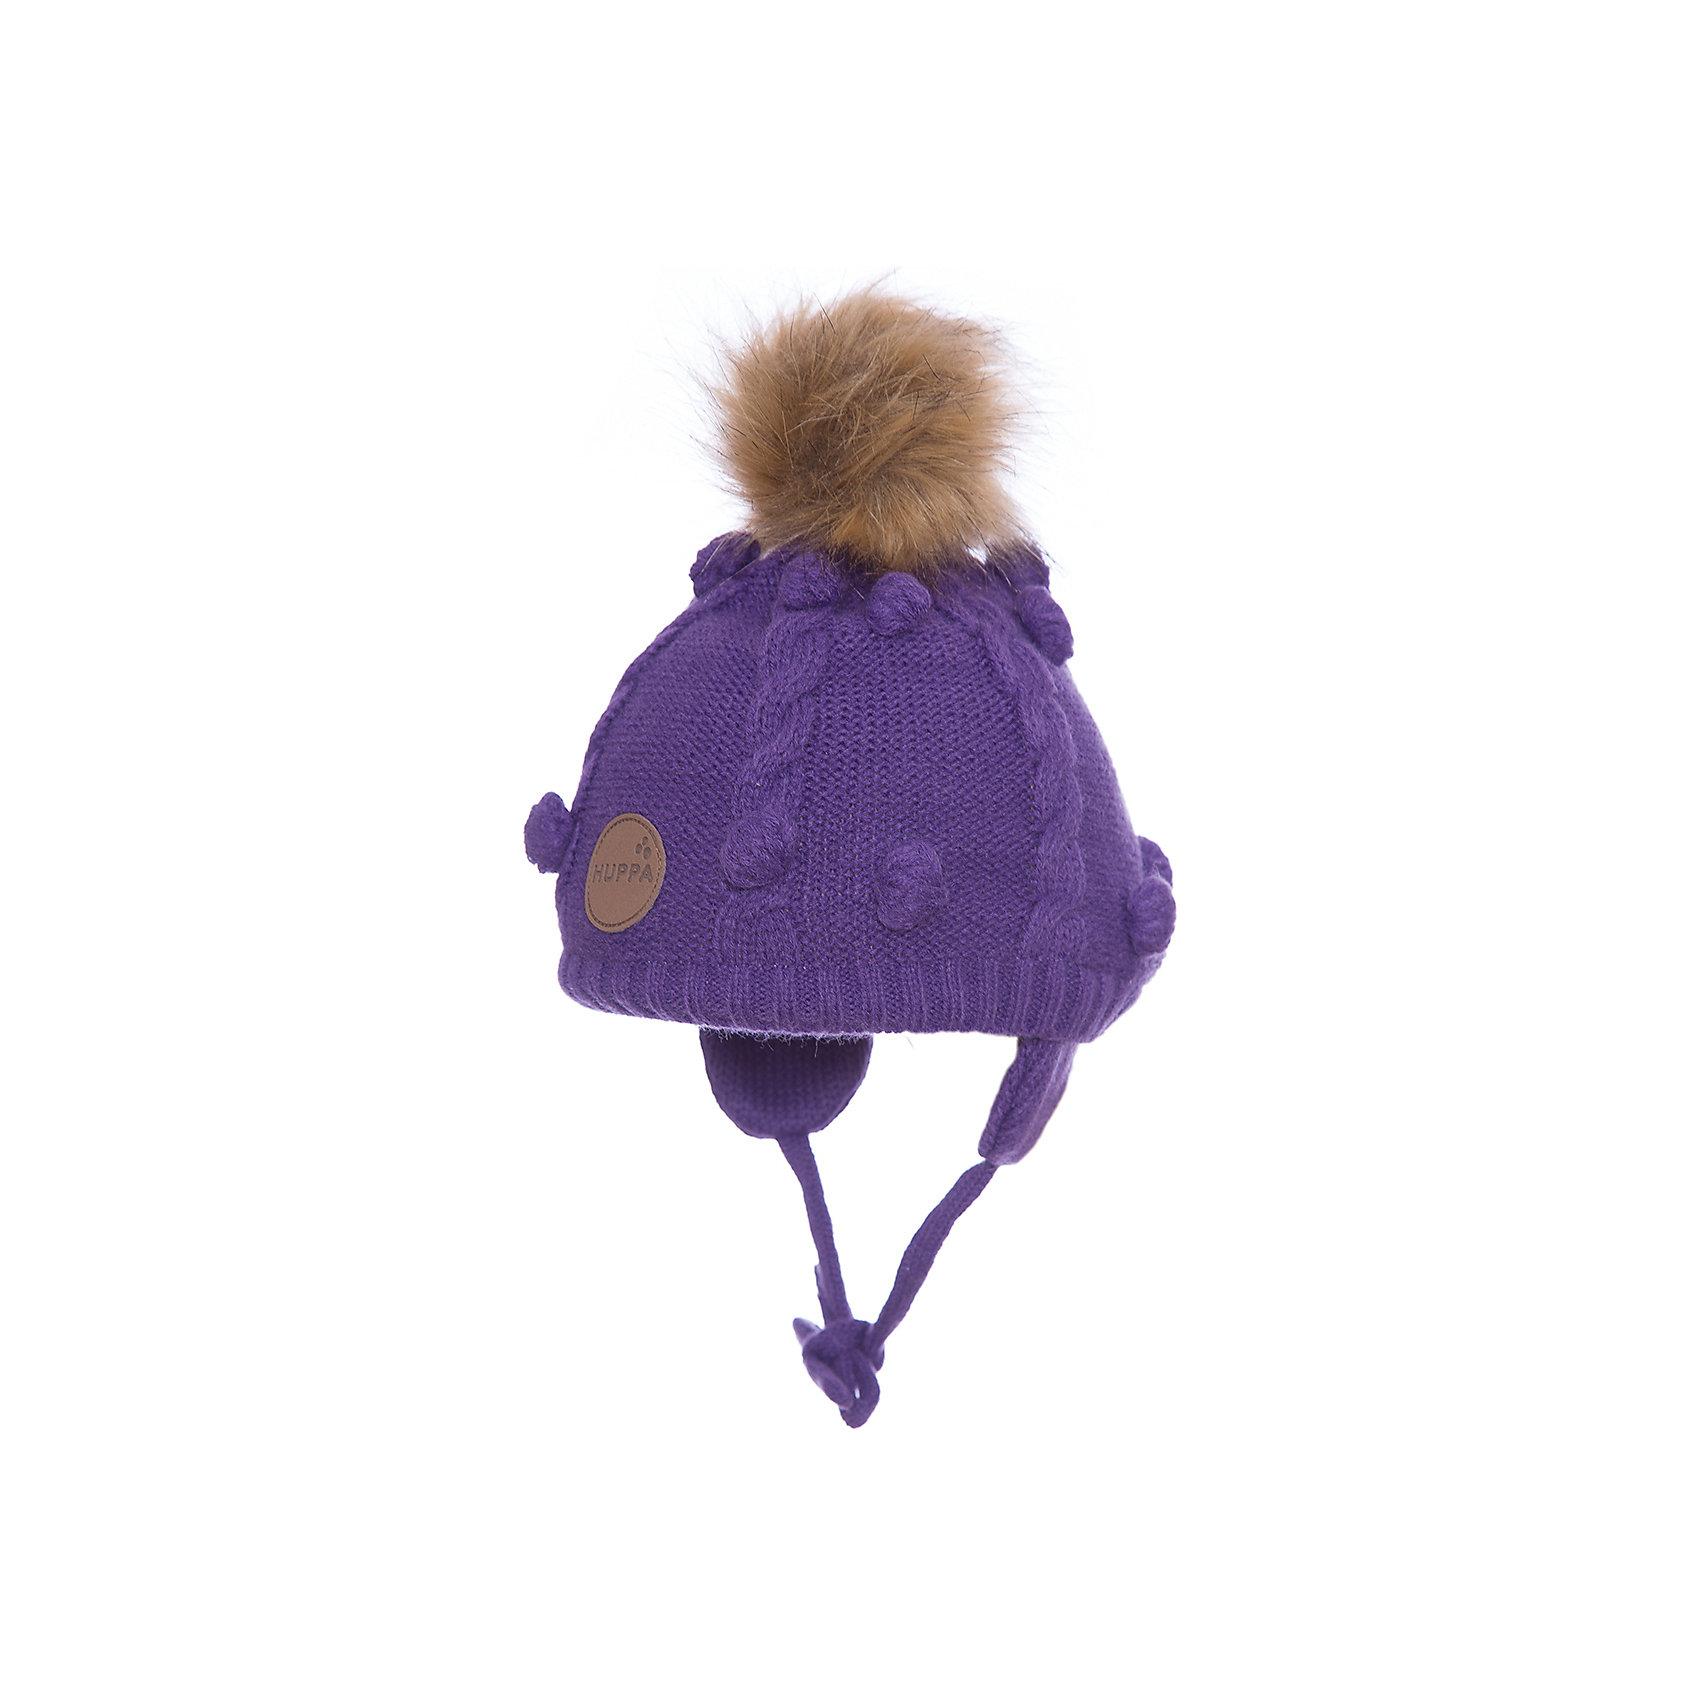 Шапка Huppa MacyГоловные уборы<br>Характеристики товара:<br><br>• модель: Macy;<br>• цвет: фиолетовый;<br>• состав: шапка: 100% акрил; <br>• подкладка: 100% хлопок:<br>• температурный режим: от 0°С до -20°С;<br>• шапка на завязках;<br>• помпон из искусственного меха на макушке;<br>• особенности: вязаная, с помпоном;<br>• страна бренда: Финляндия;<br>• страна изготовитель: Эстония.<br><br>Вязаная детская шапка Macy. Теплая вязанная шапочка, прекрасно подойдет для повседневных прогулок в холодную погоду. Шапка изготовлена из 100% акрила, с хлопковой подкладкой. <br><br>Шапку Huppa Macy (Хуппа) можно купить в нашем интернет-магазине.<br><br>Ширина мм: 89<br>Глубина мм: 117<br>Высота мм: 44<br>Вес г: 155<br>Цвет: лиловый<br>Возраст от месяцев: 3<br>Возраст до месяцев: 12<br>Пол: Унисекс<br>Возраст: Детский<br>Размер: 43-45,55-57,51-53,47-49<br>SKU: 7029419